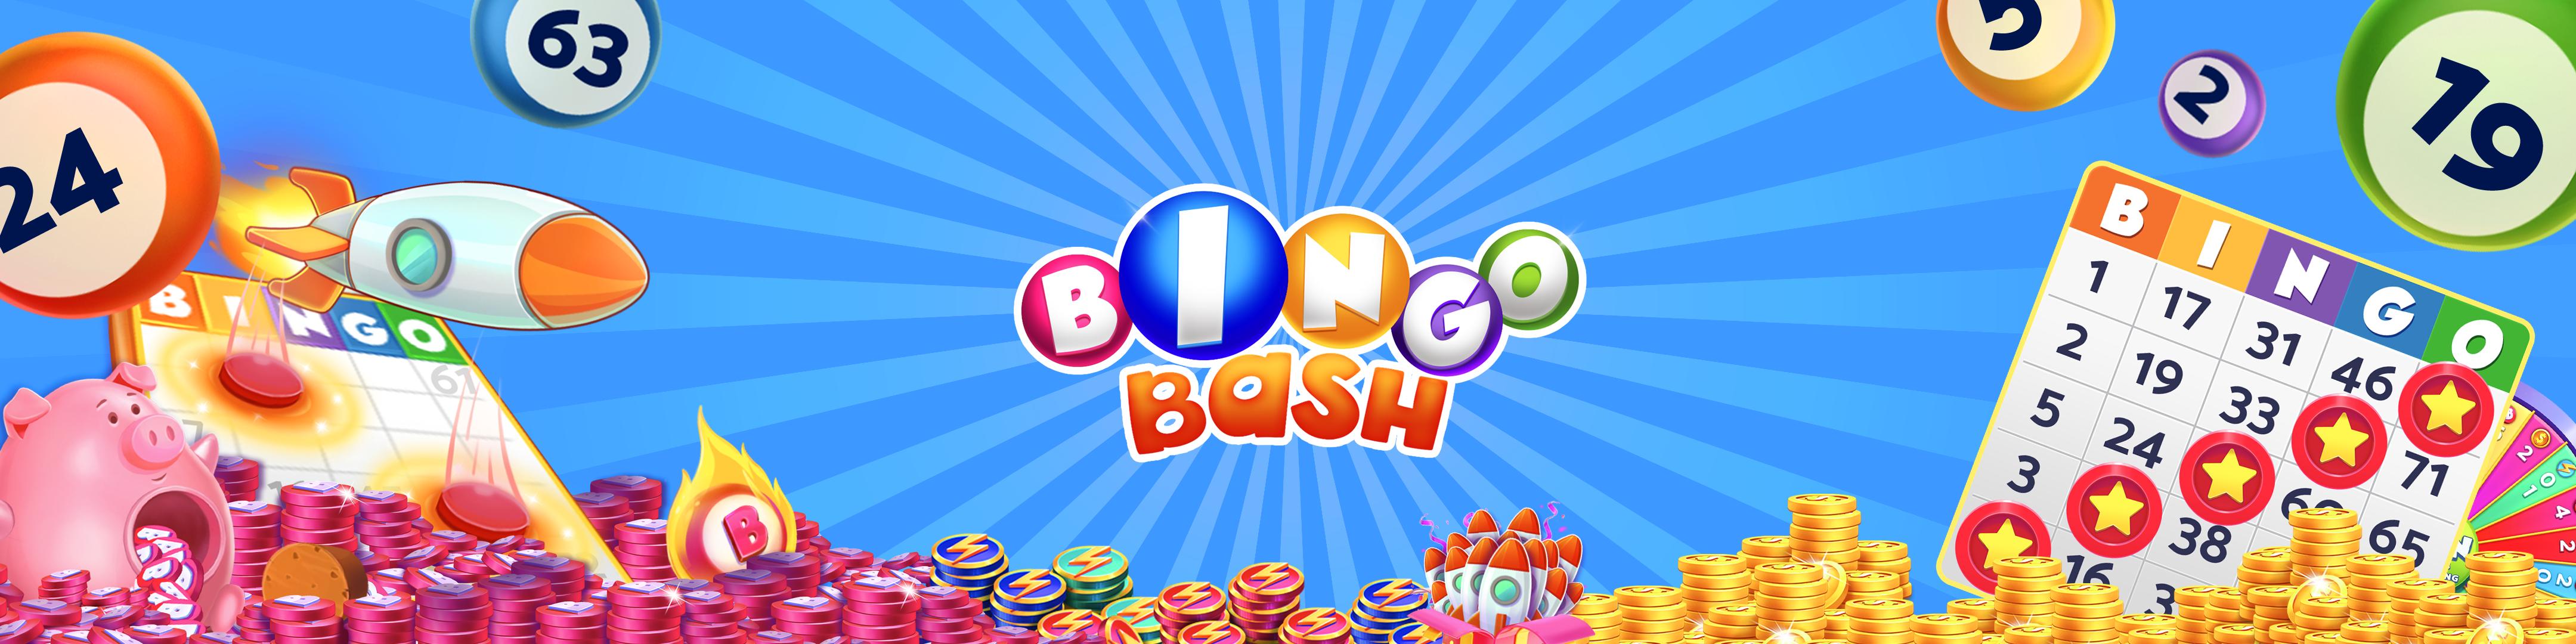 Free bingo bash credits